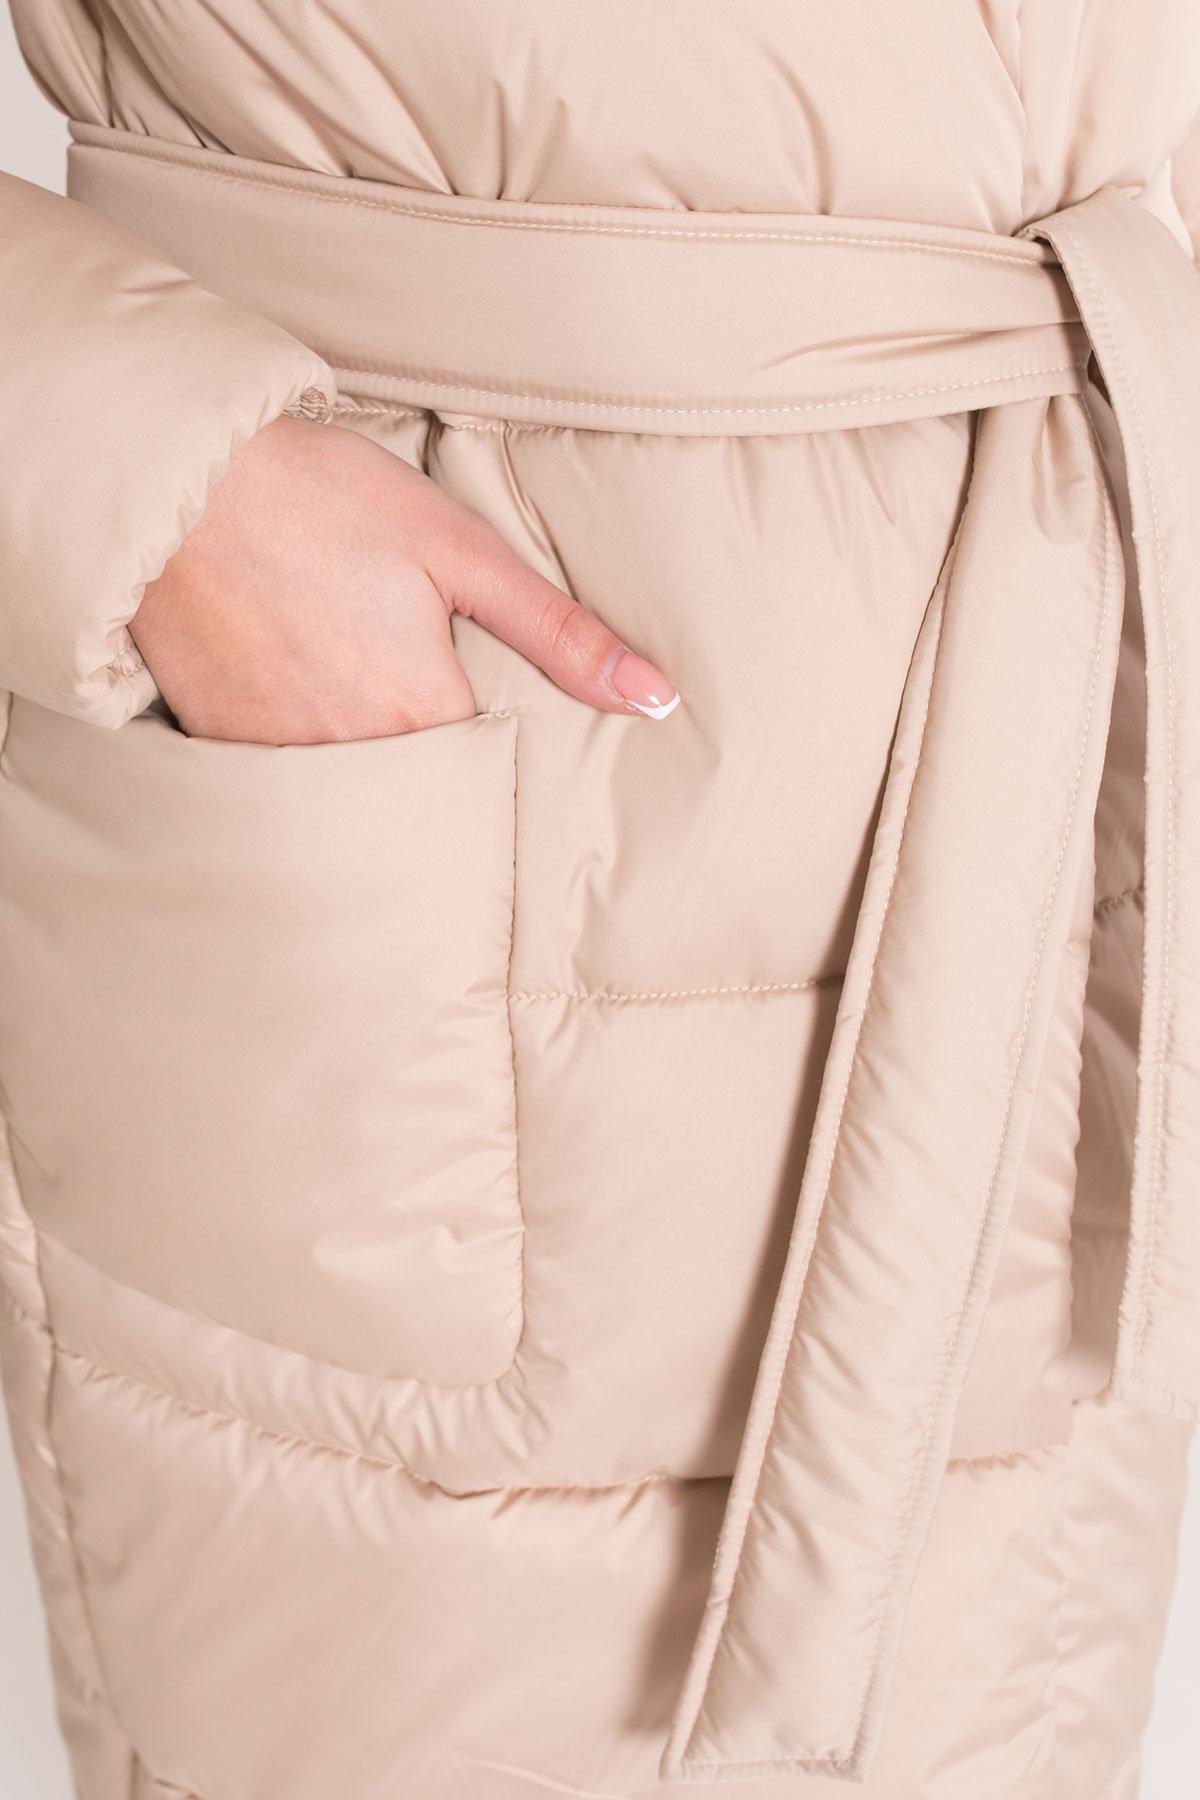 Удлиненный пуховик с накладными карманами Бланка 8622 АРТ. 44947 Цвет: Бежевый Темный - фото 6, интернет магазин tm-modus.ru